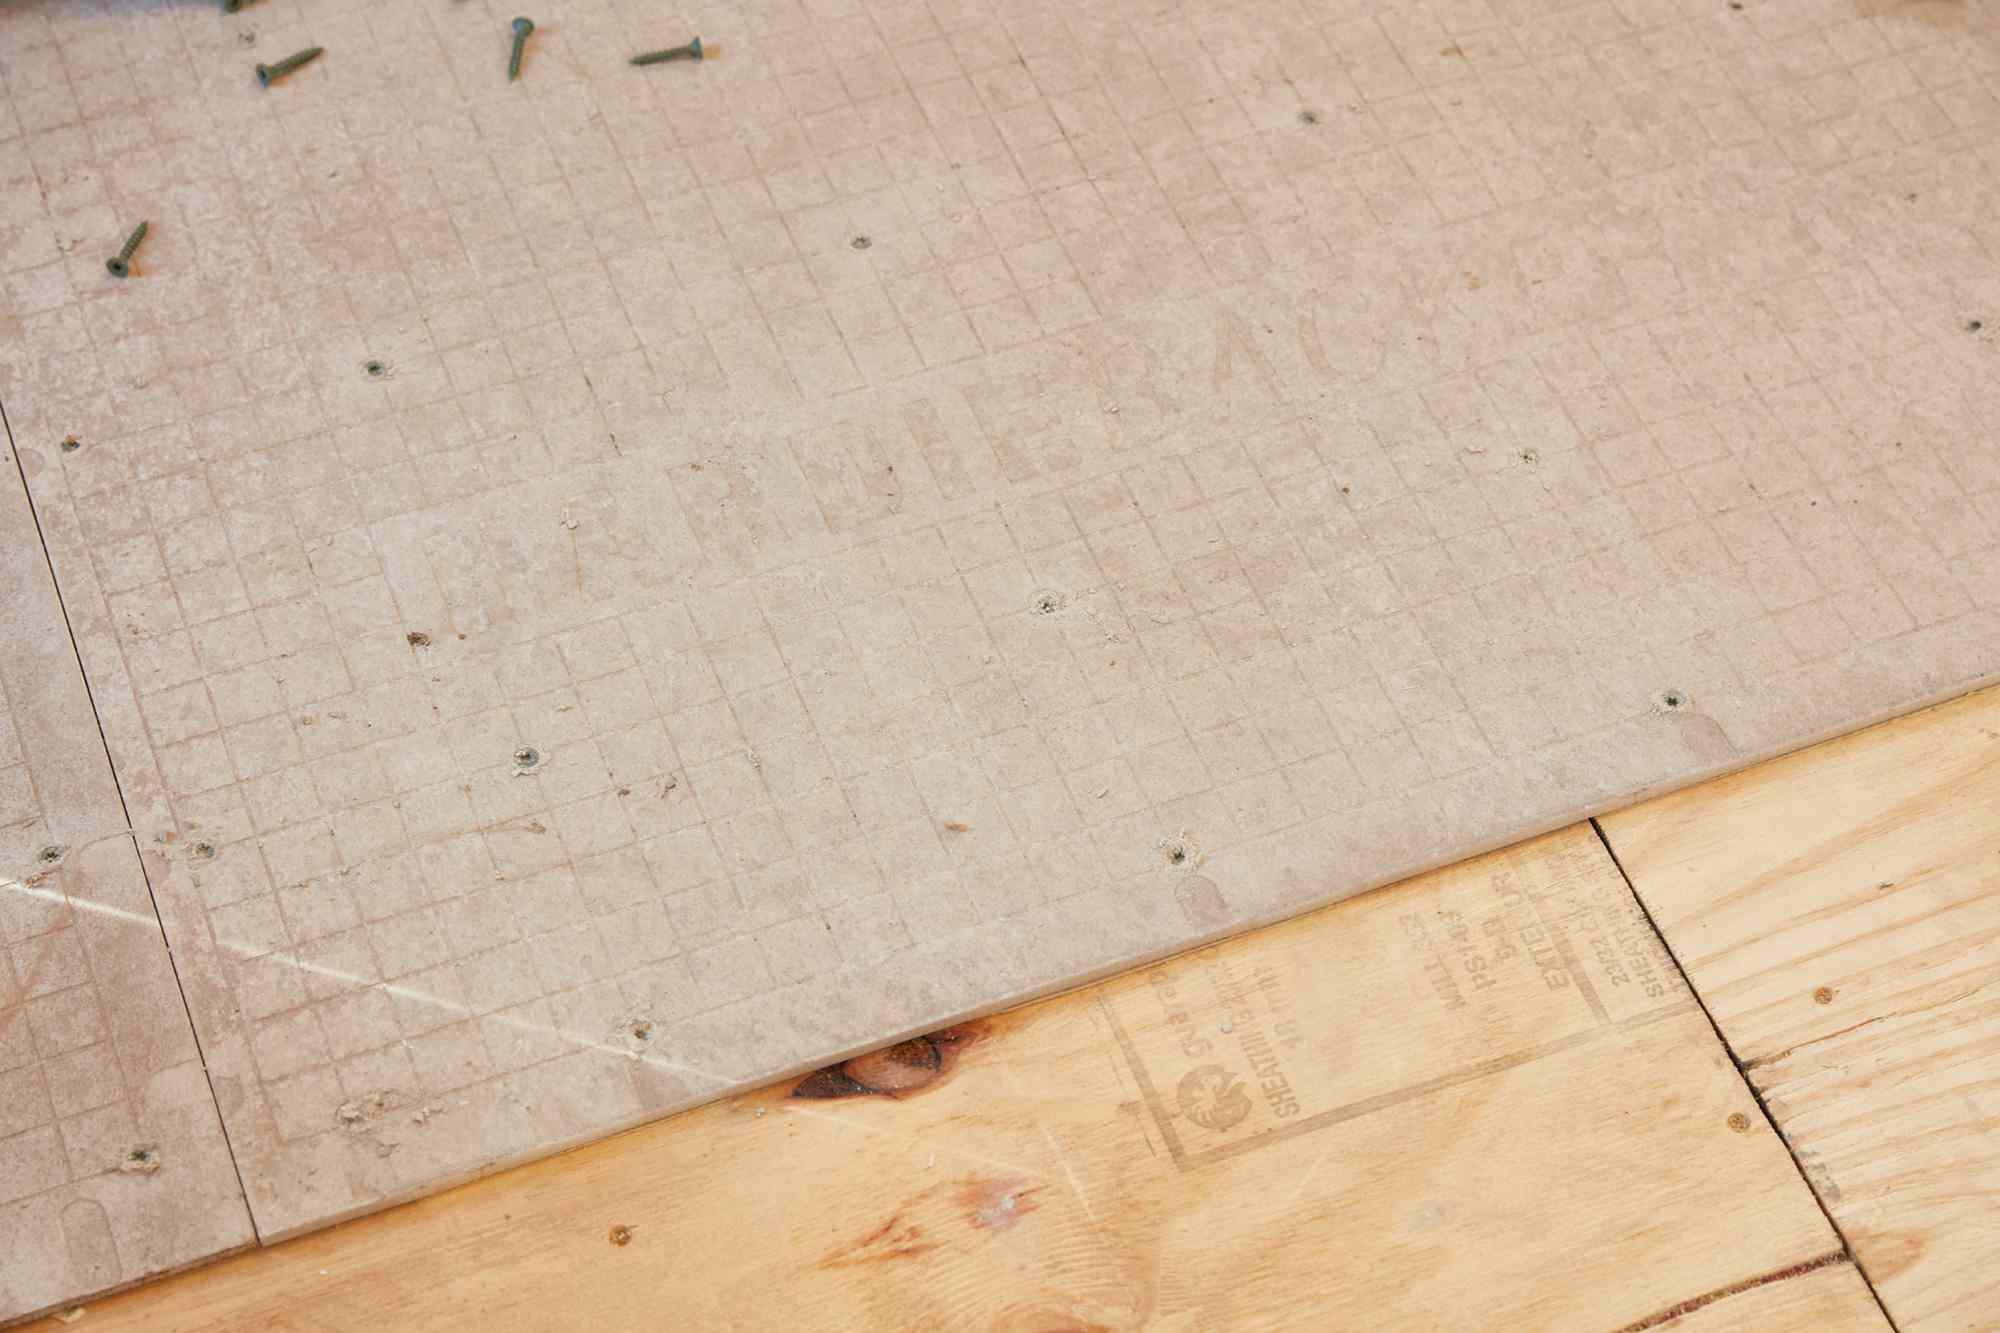 Cement-based backer board on wood floor for ceramic tiles